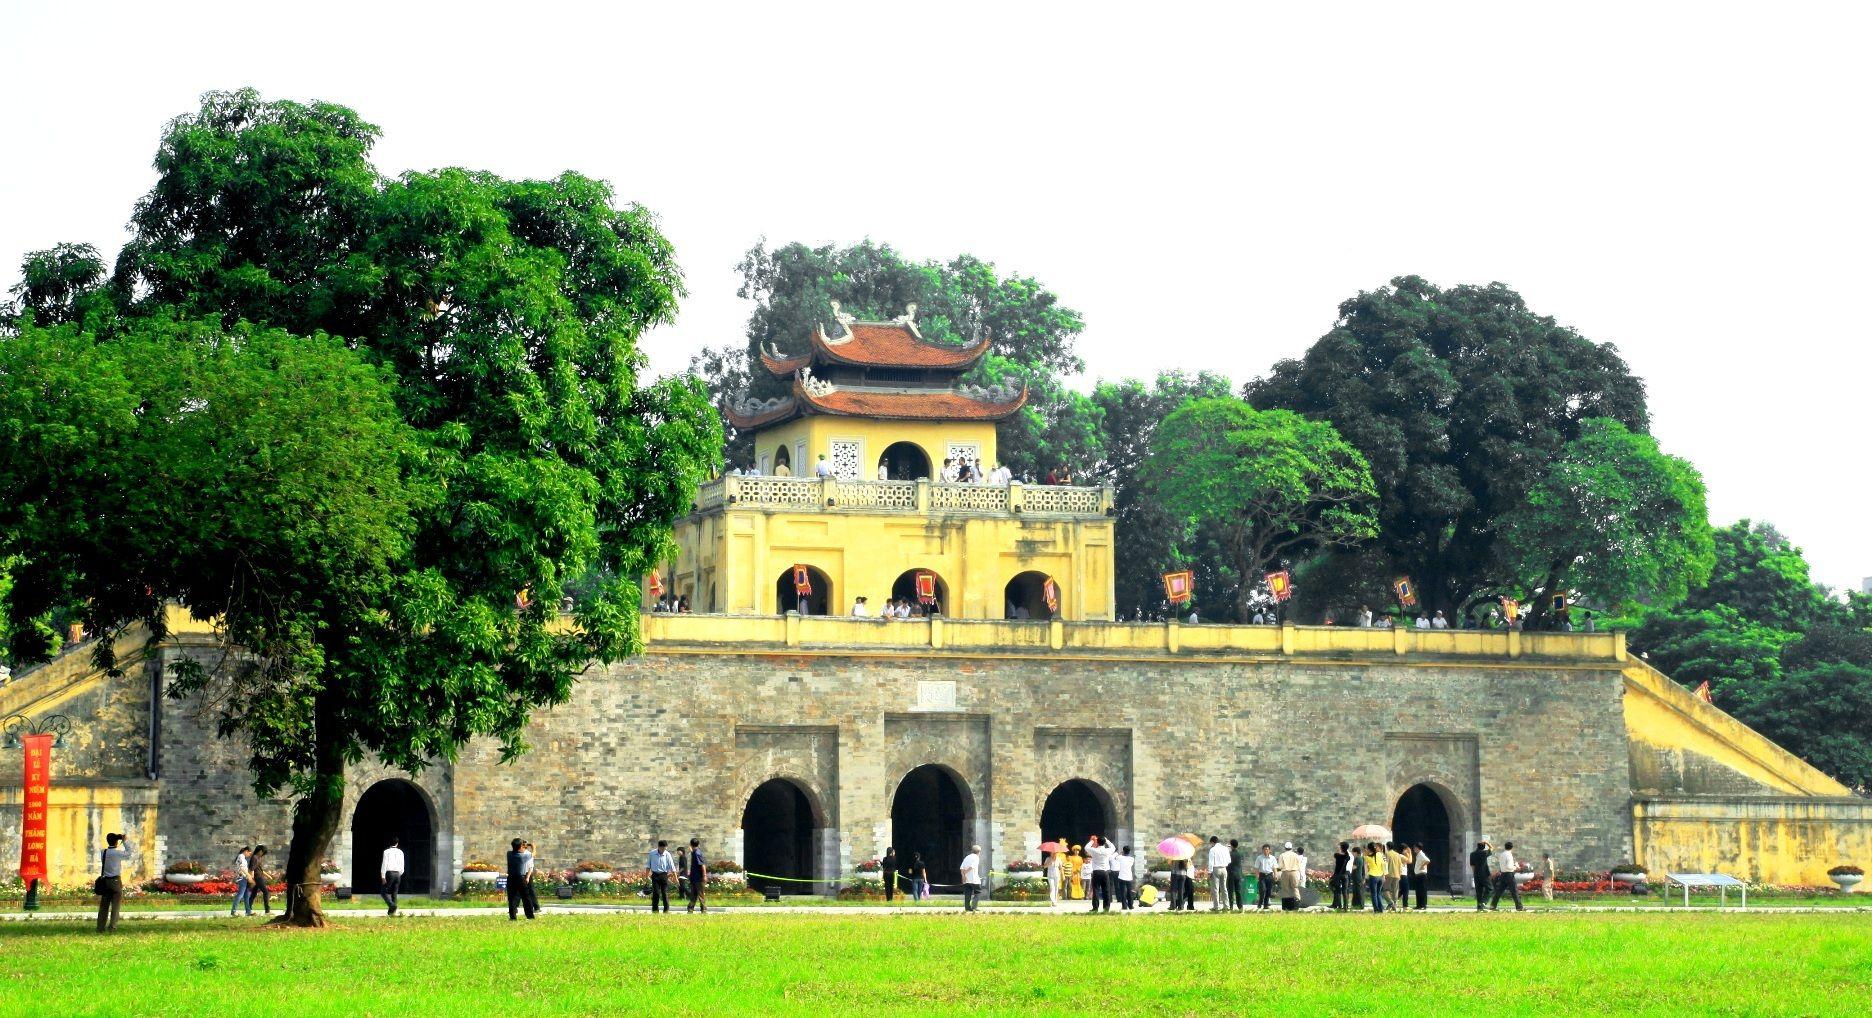 Tên các quận, huyện ở Hà Nội theo tiếng Trung